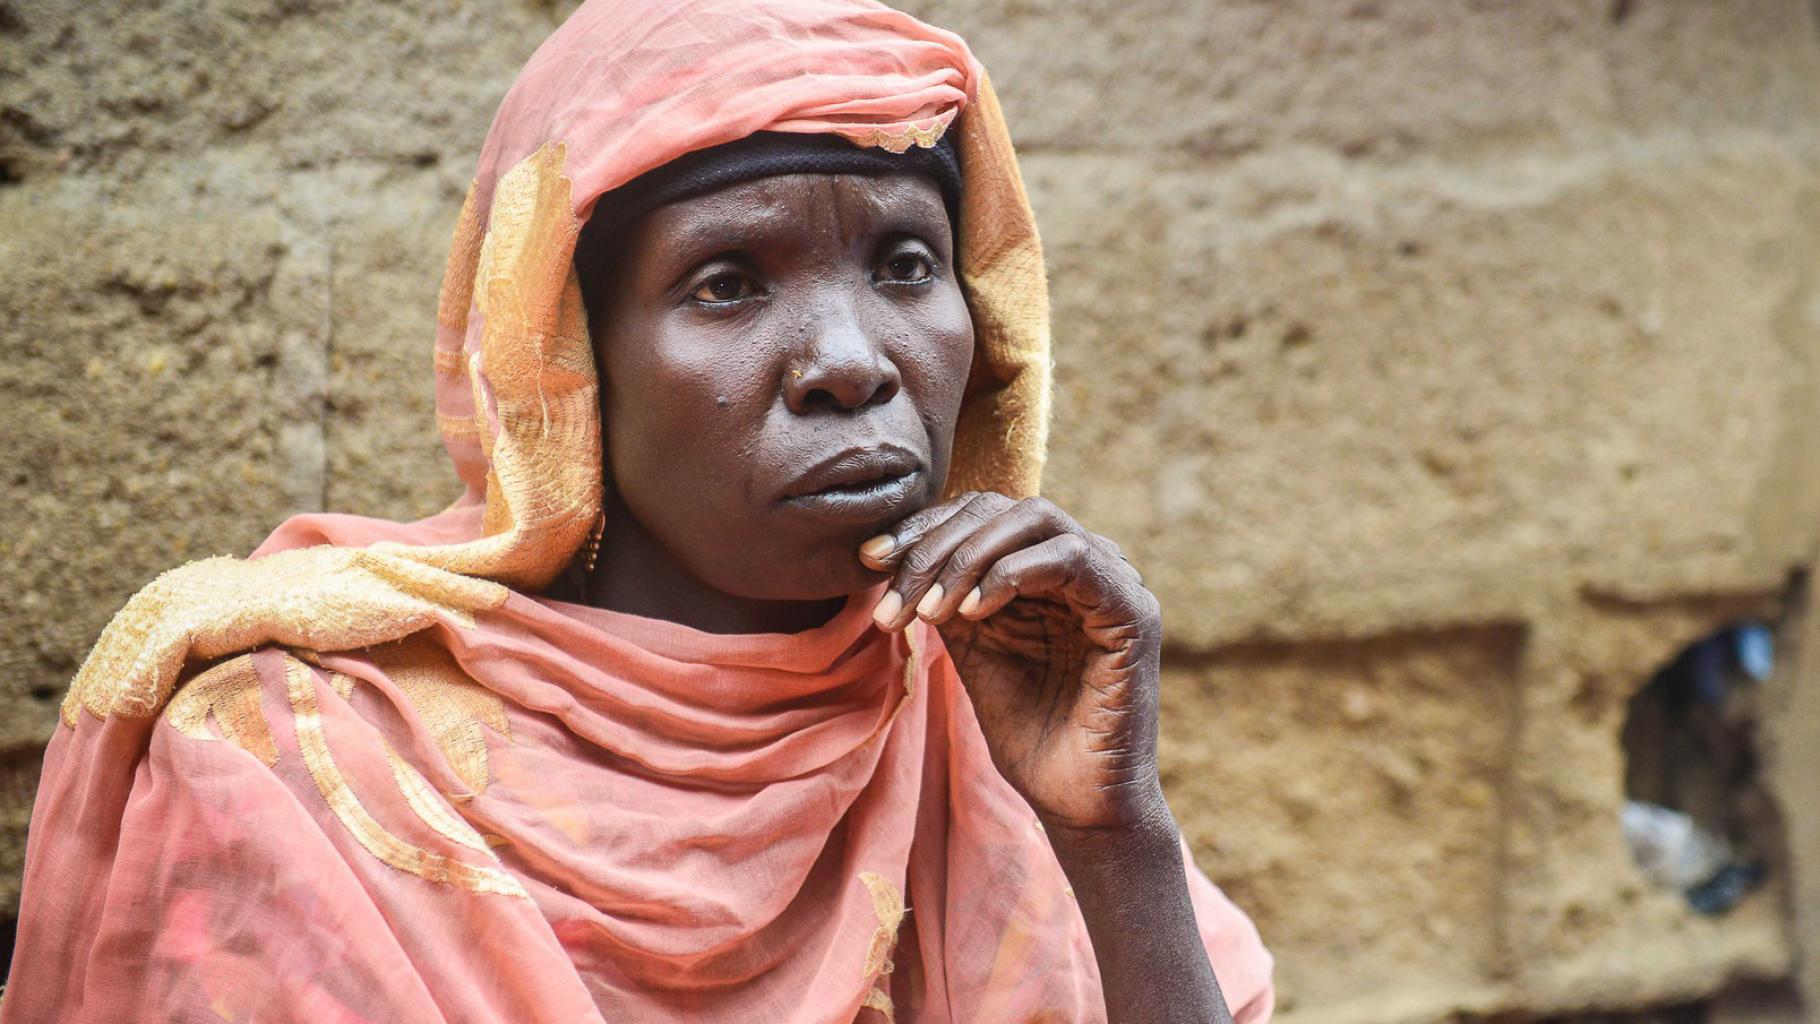 Hungerkrise in zentralafrika oxfam ruft zu spenden auf for Oxfam spenden